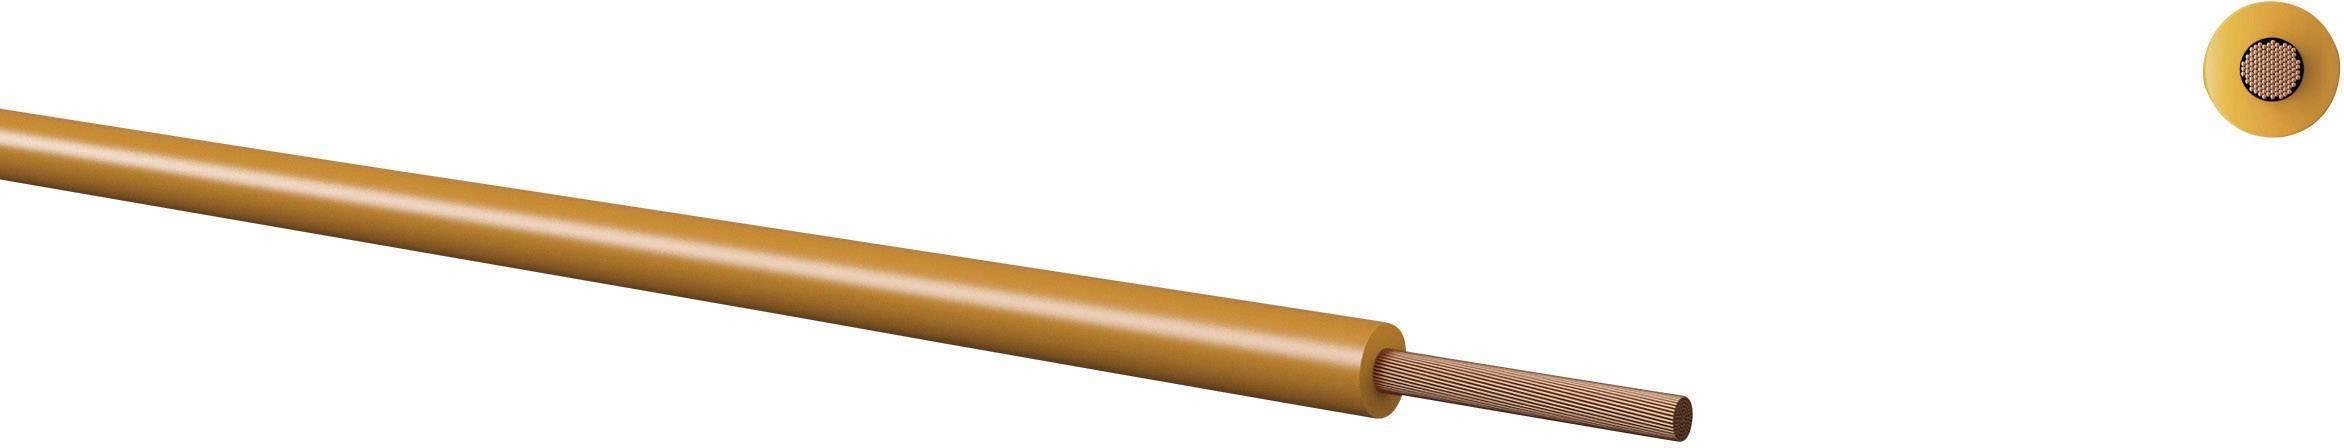 Opletenie / lanko Kabeltronik 160110004 LiFY, 1 x 1 mm², vonkajší Ø 2.50 mm, metrový tovar, žltá